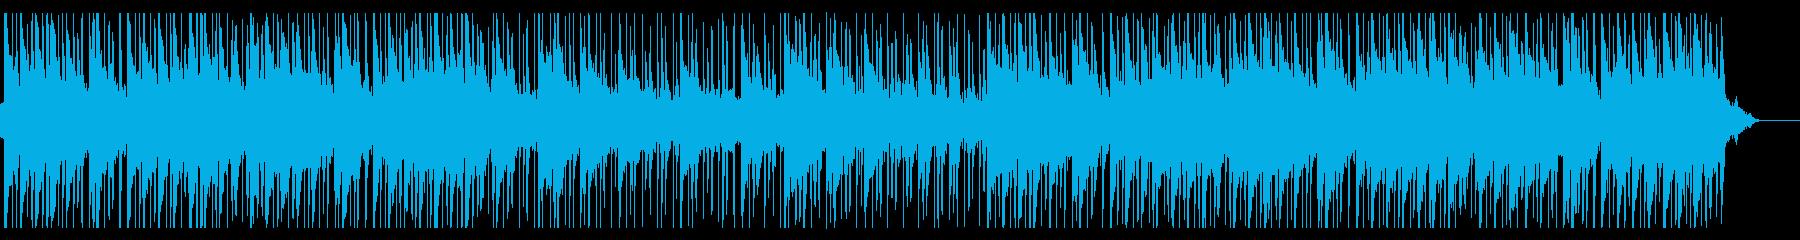 ローファイヒップホップ/チルアウトの再生済みの波形